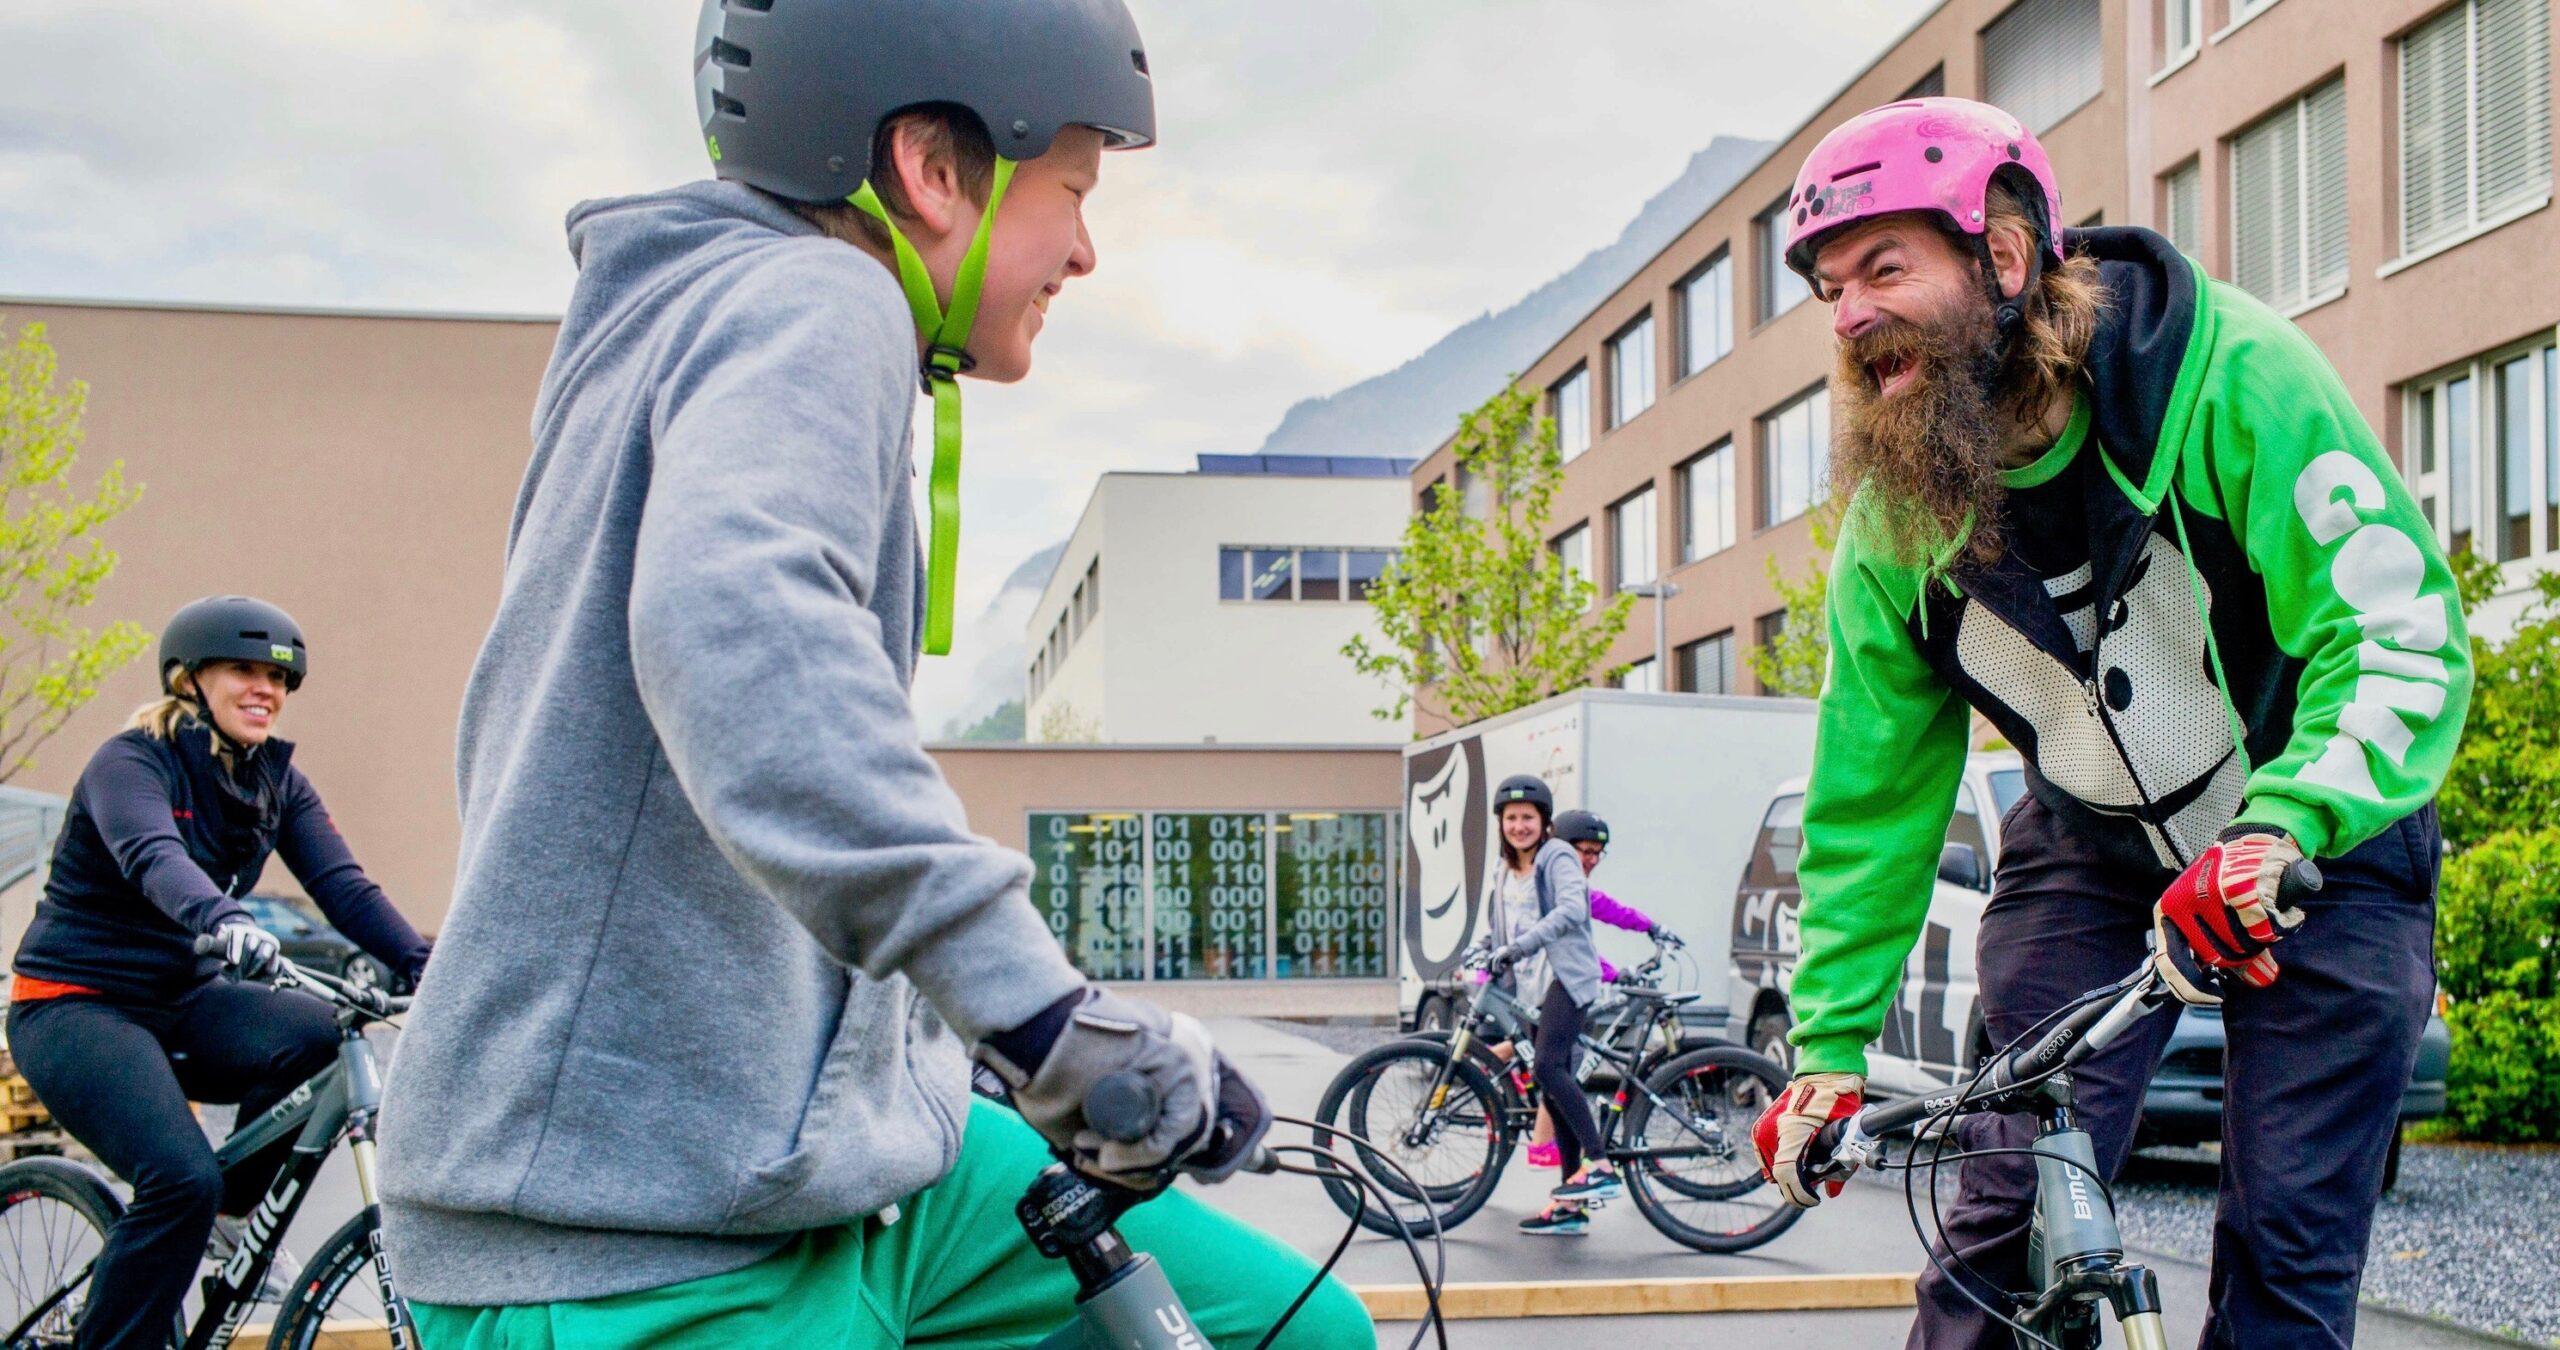 GORILLA Botschafter lacht ein Kind im Rahmen eines GORILLA Workshops im Biken an.